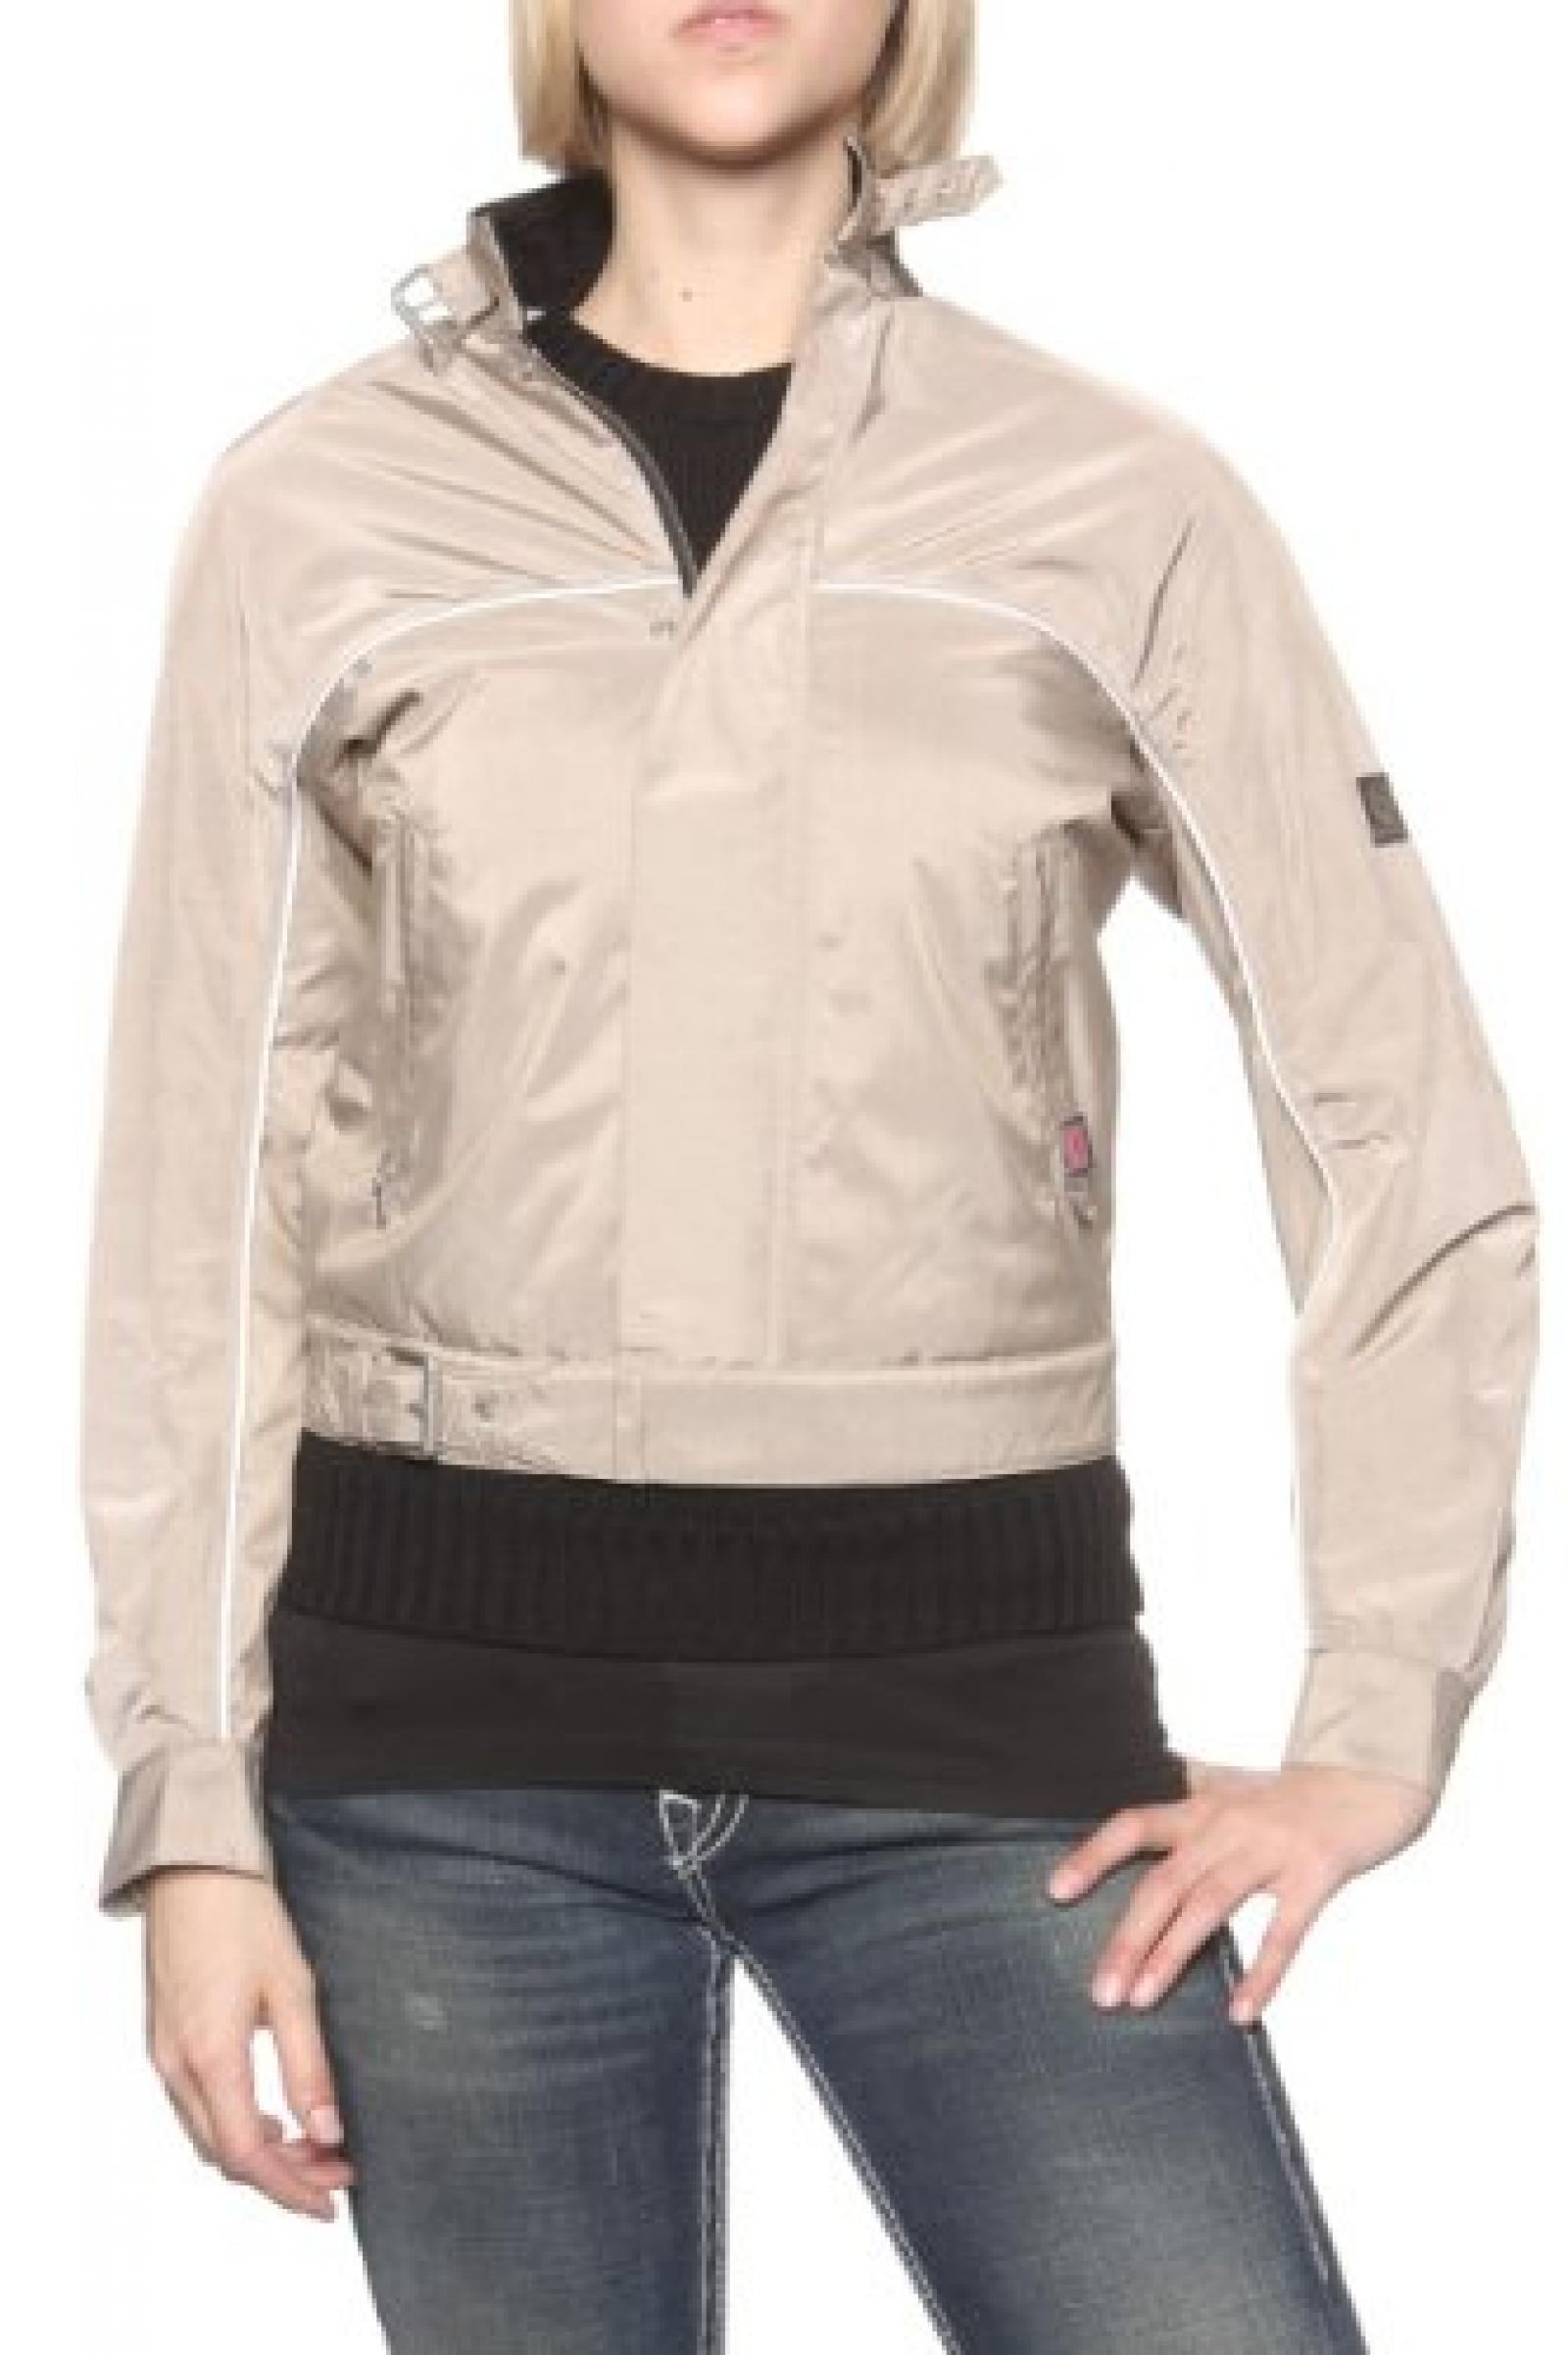 Belstaff Damen Jacke Blouson-Jacke SABOTEUR DE LUXE, Farbe: Beige